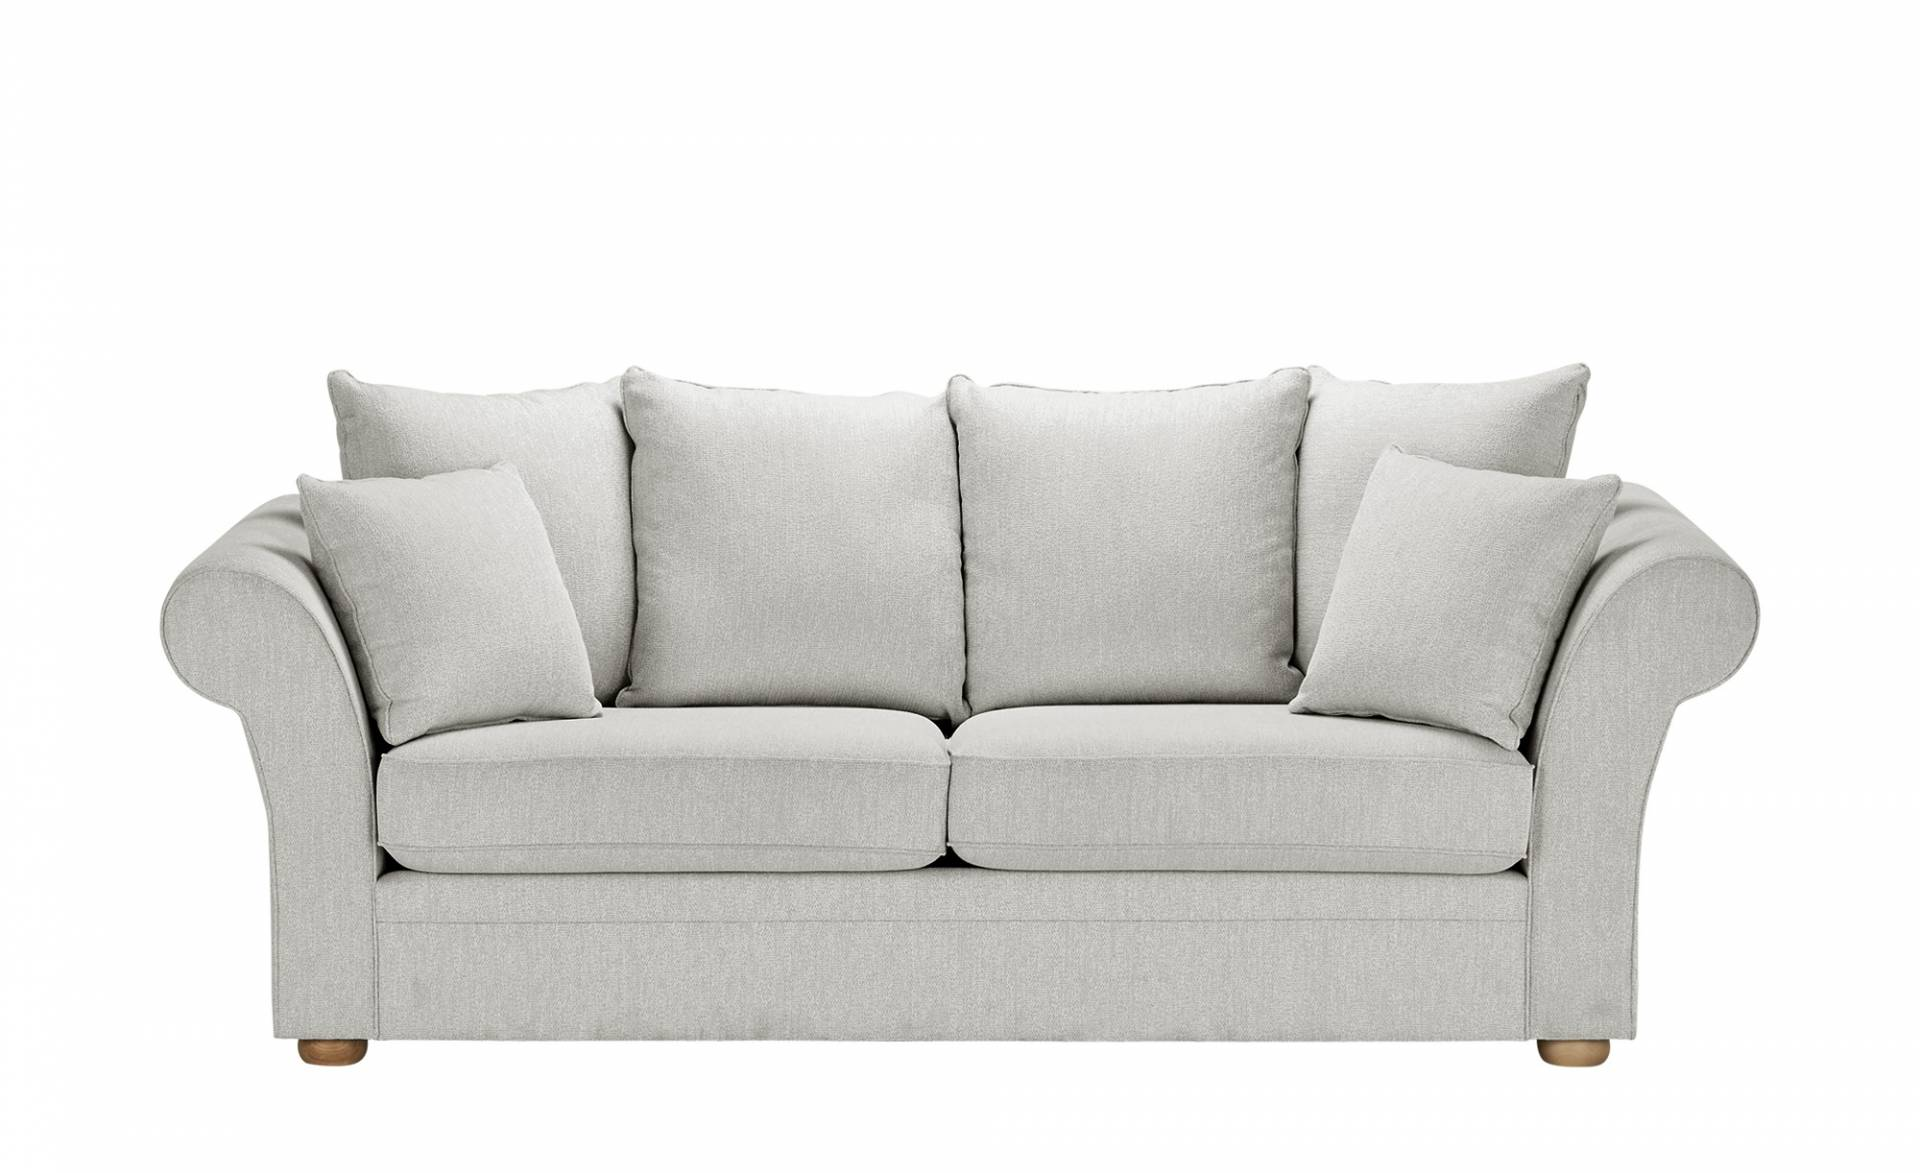 3 sitzer und weitere sofas couches bei m bel h ffner. Black Bedroom Furniture Sets. Home Design Ideas